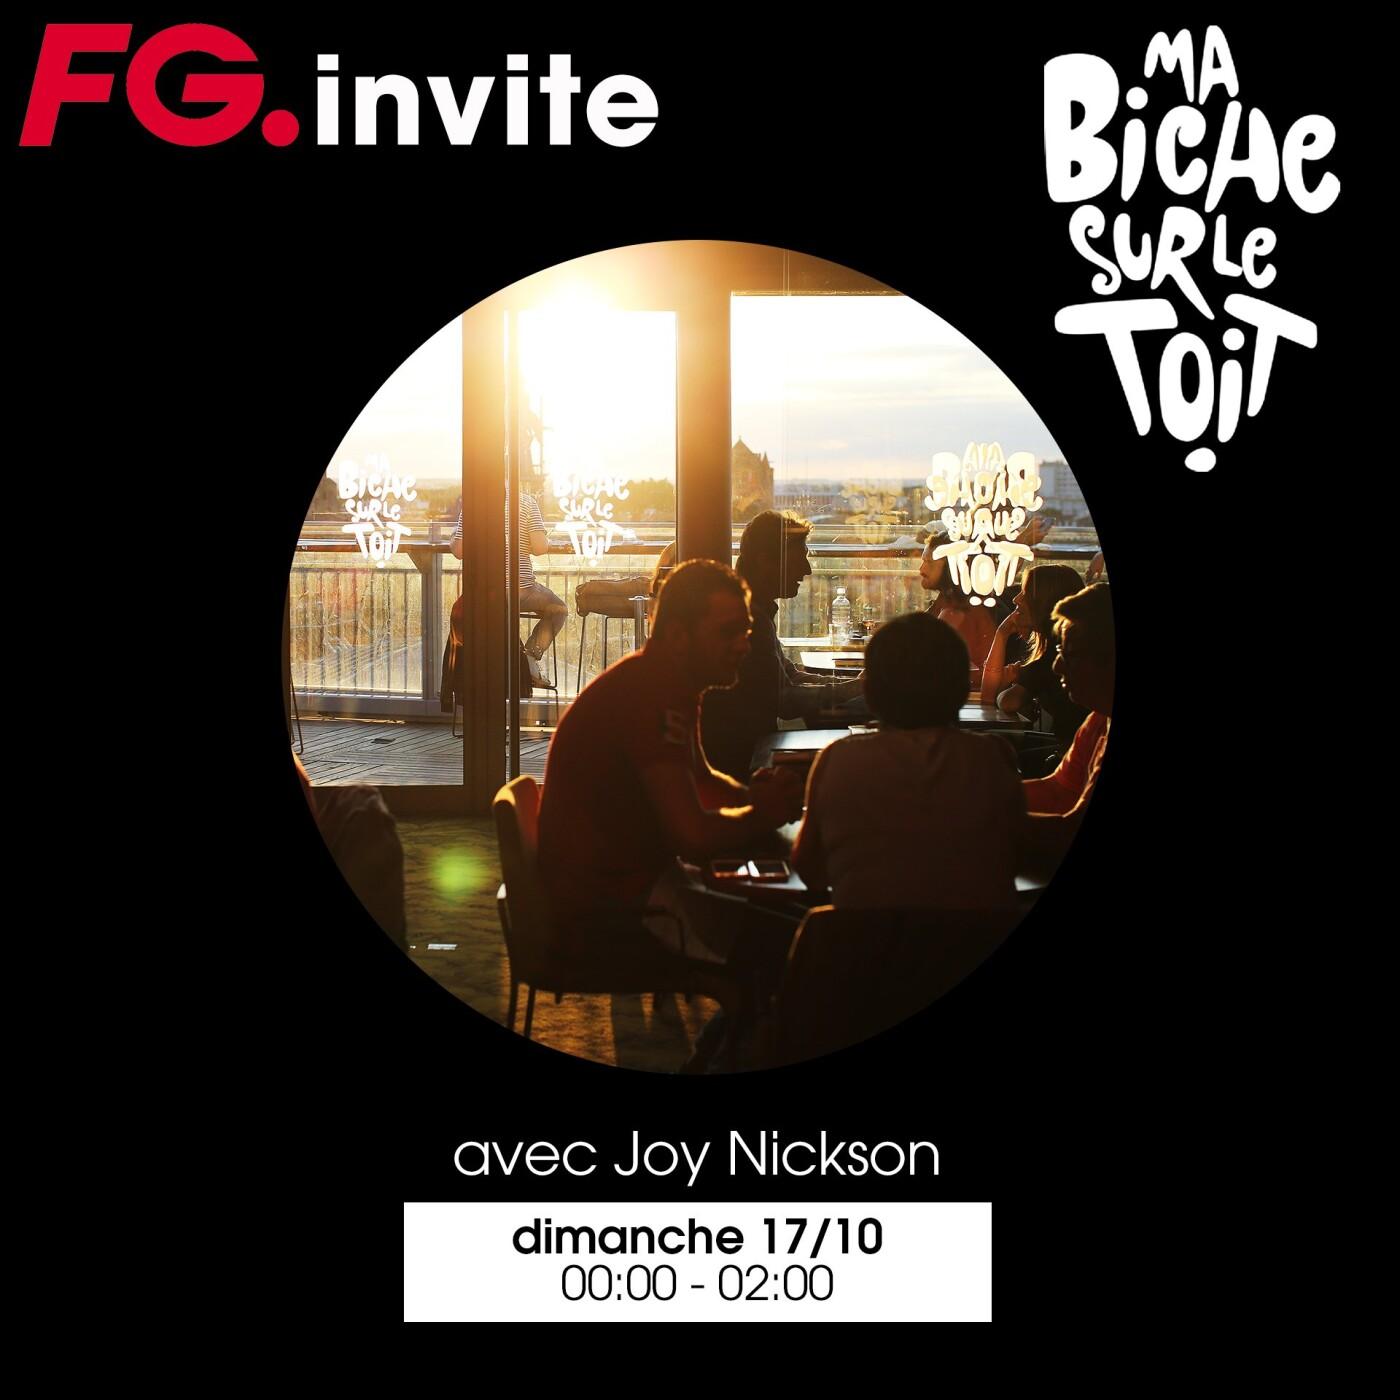 FG INVITE : MA BICHE SUR LE TOIT